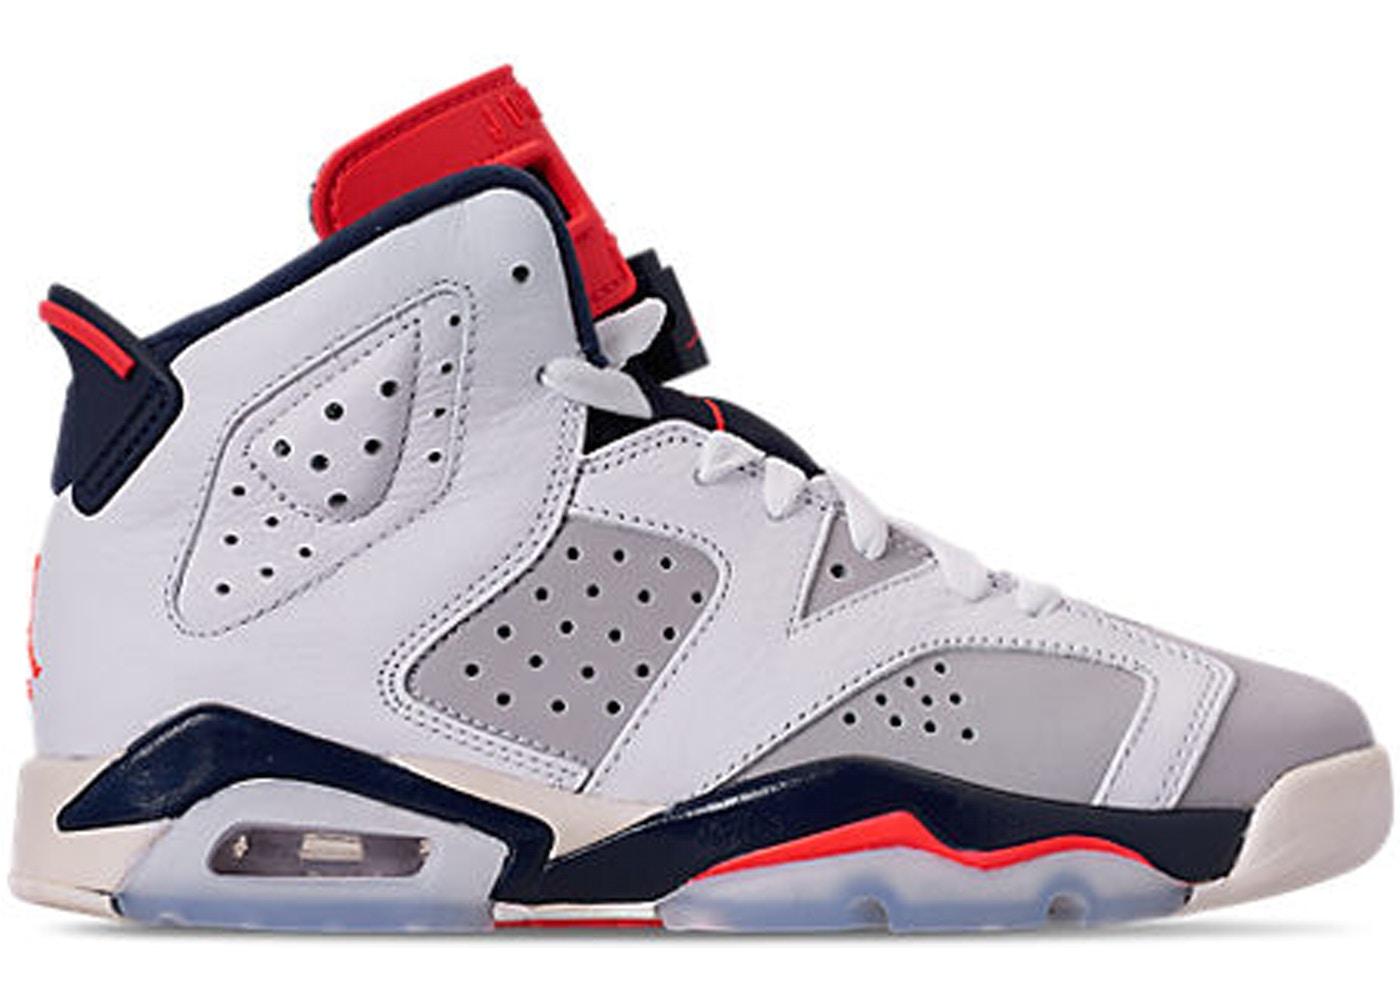 huge discount da3f9 701cd Buy Air Jordan 6 Shoes   Deadstock Sneakers